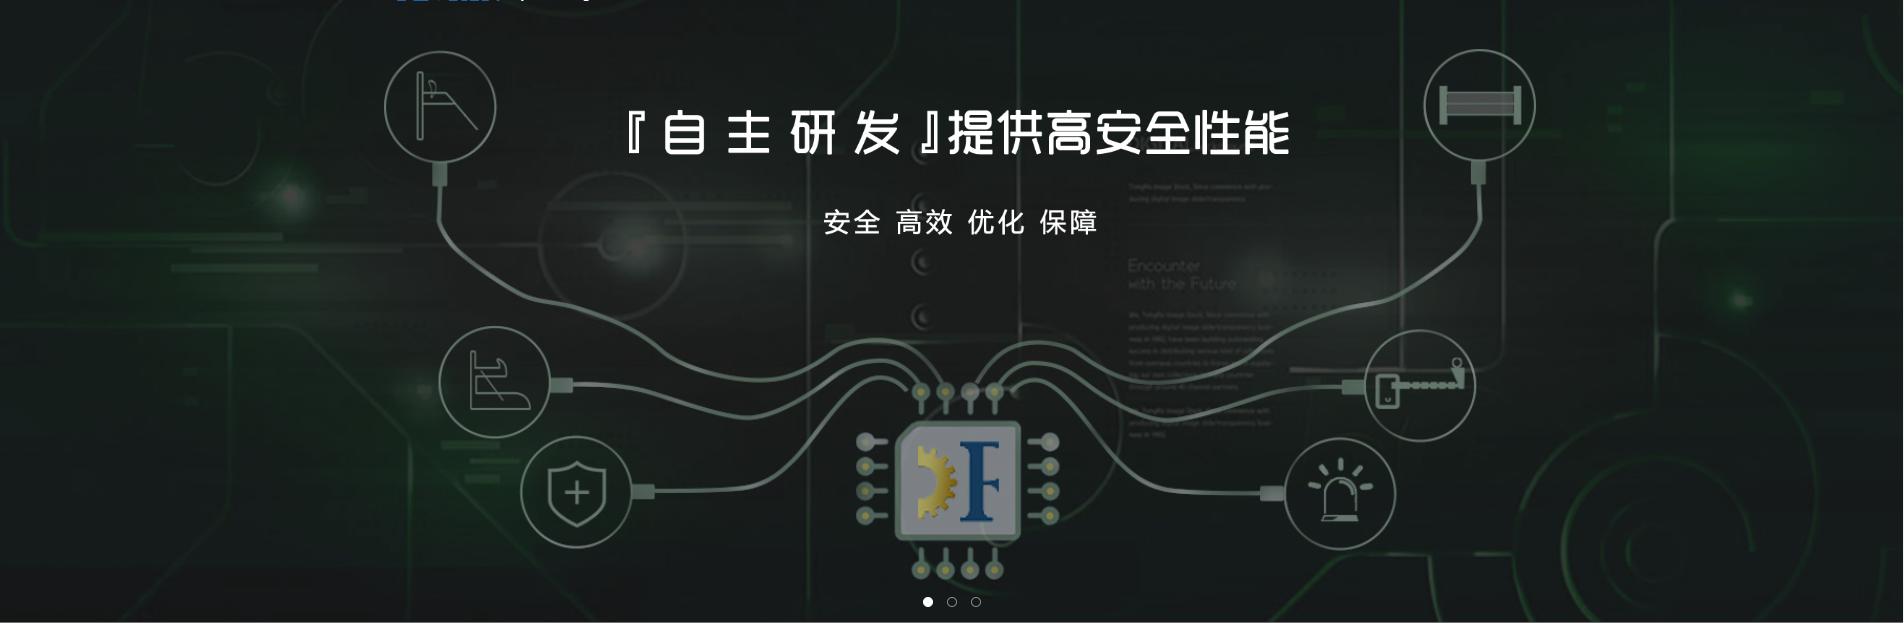 苏州普罗林工业控制技术有限公司公司介绍